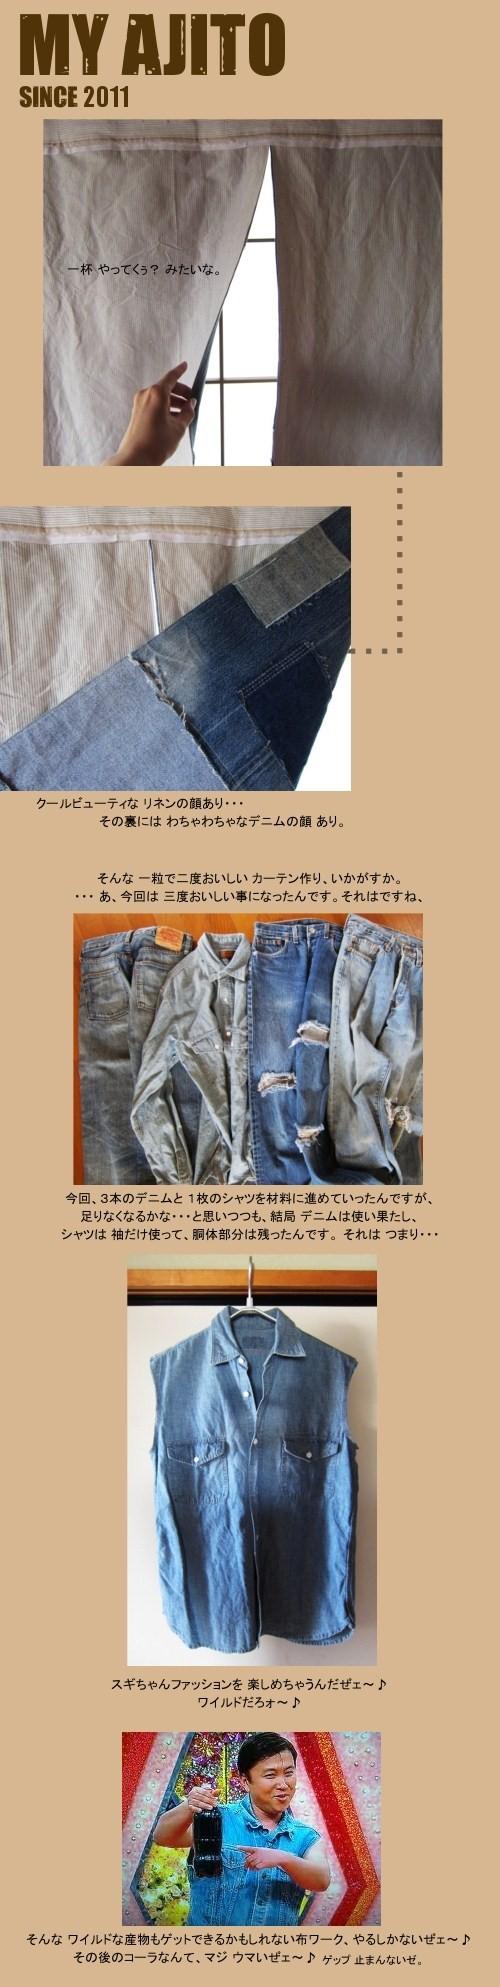 my_nore_5.jpg